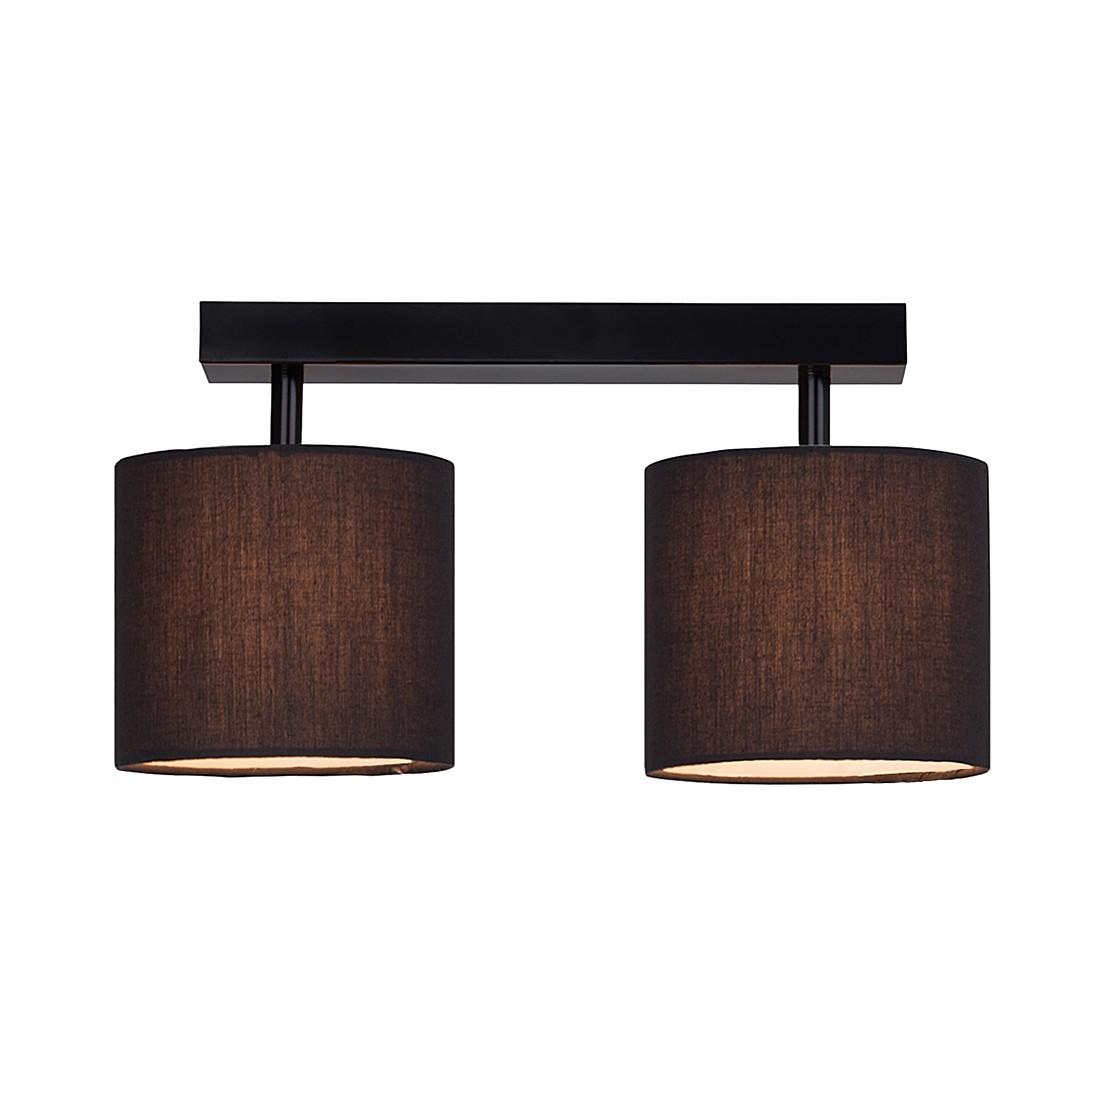 Deckenlampe schwarz affordable deckenlampe esstisch for Deckenlampe esstisch